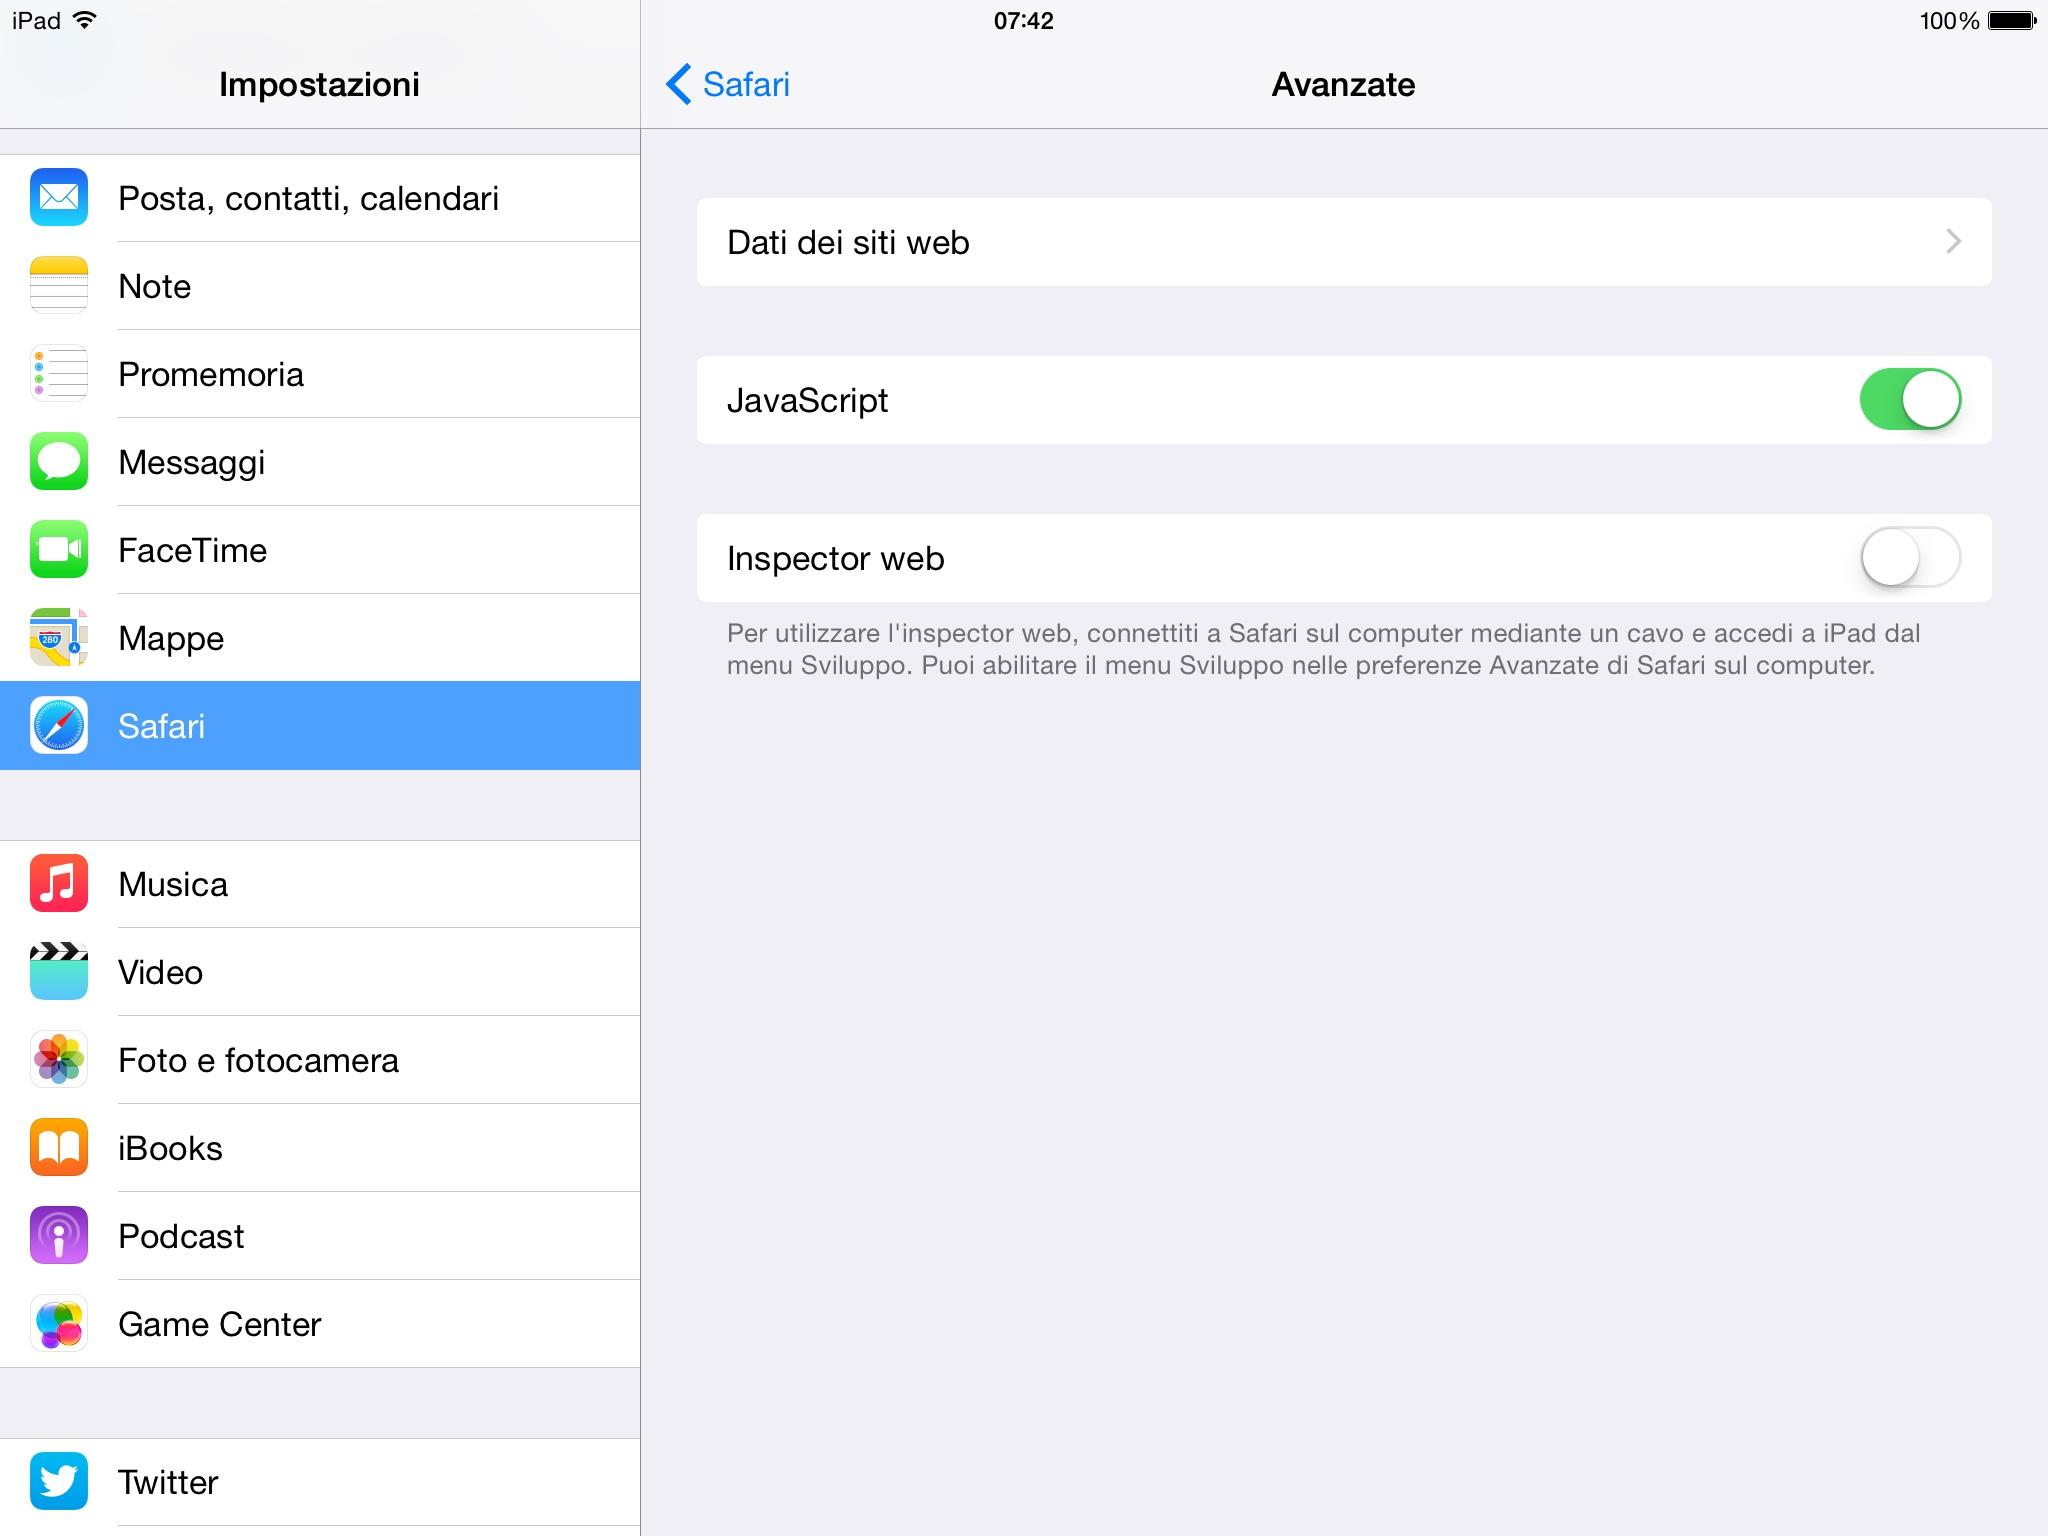 Safari per iPad reindirizza su siti porno o pubblicitari? Ecco come risolvere